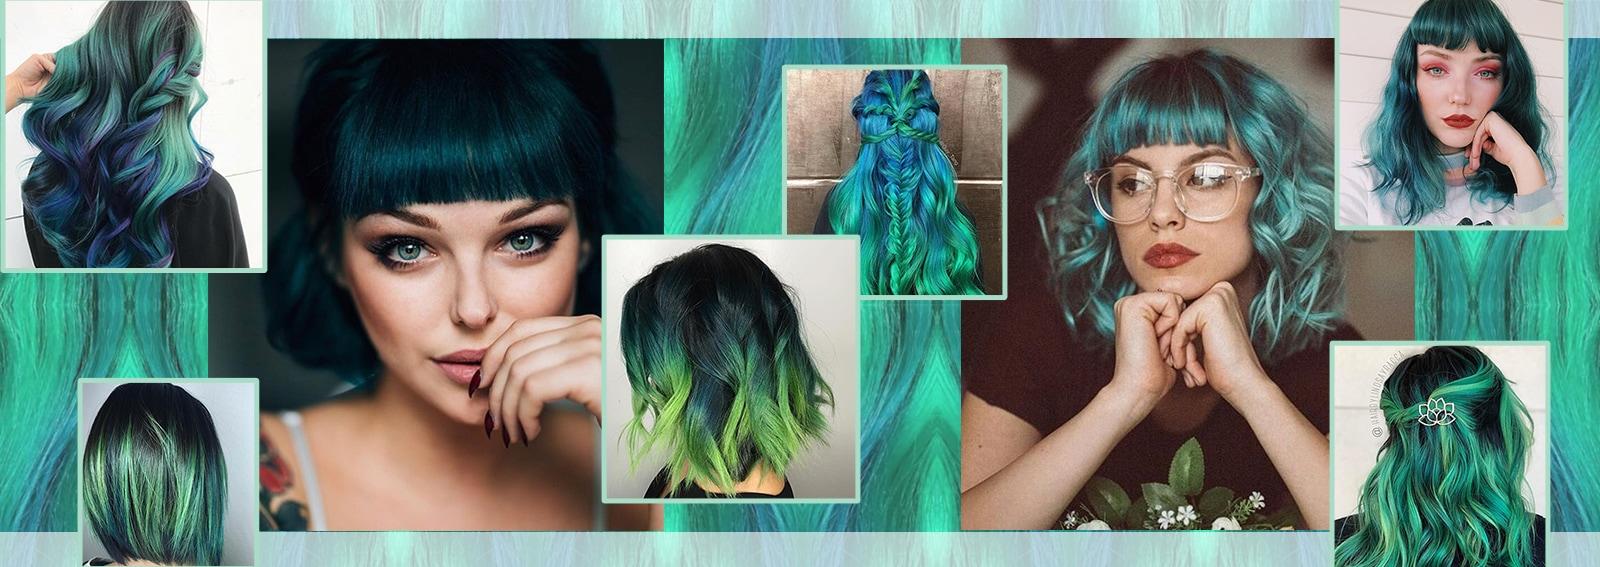 capelli verdi collage_desktop